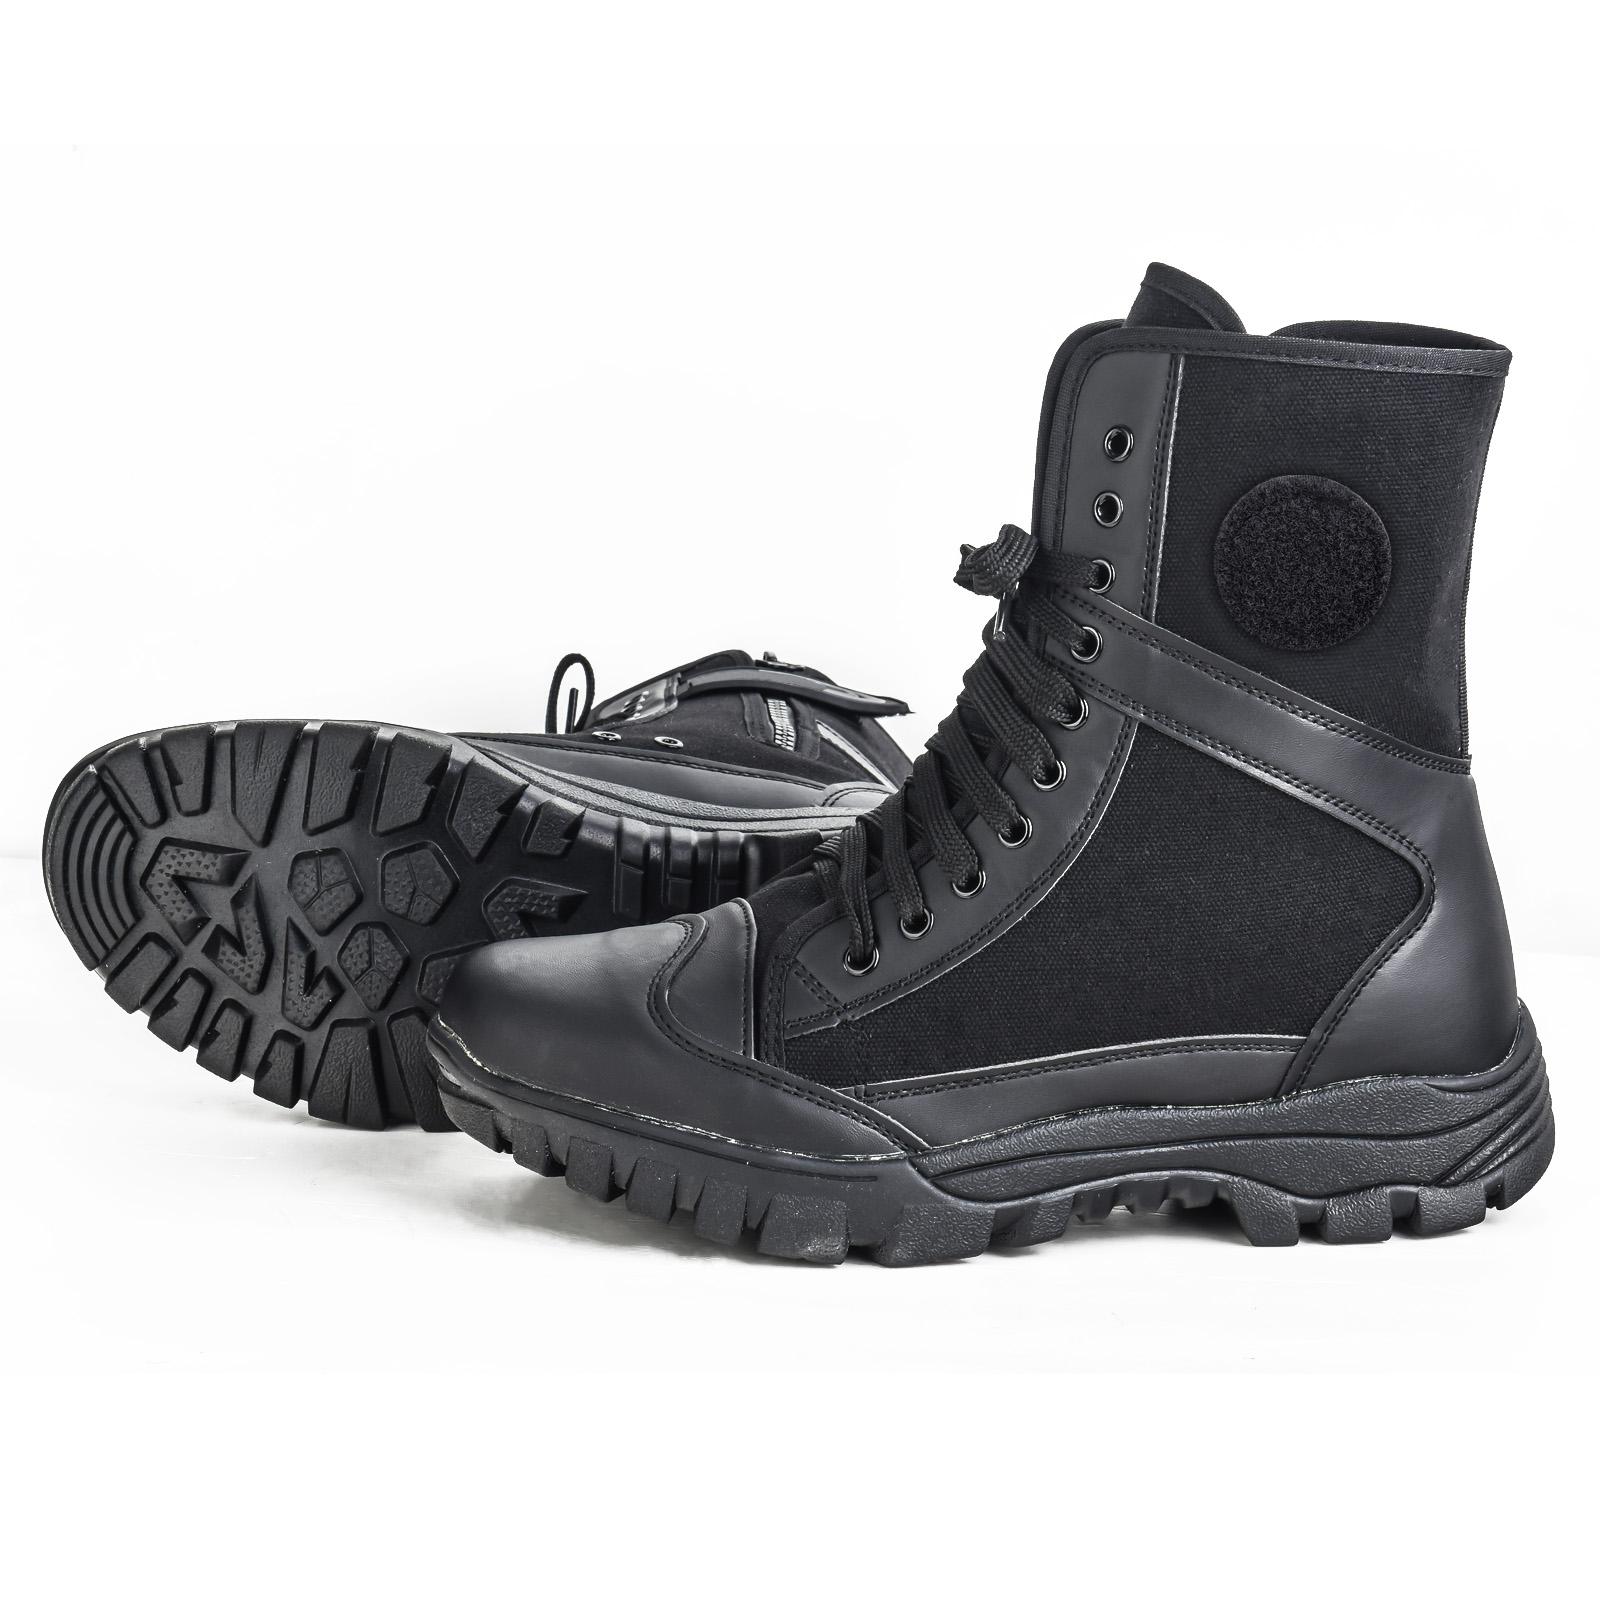 Демисезонные тактические ботинки Canvas Leather Breathable Military Tactical